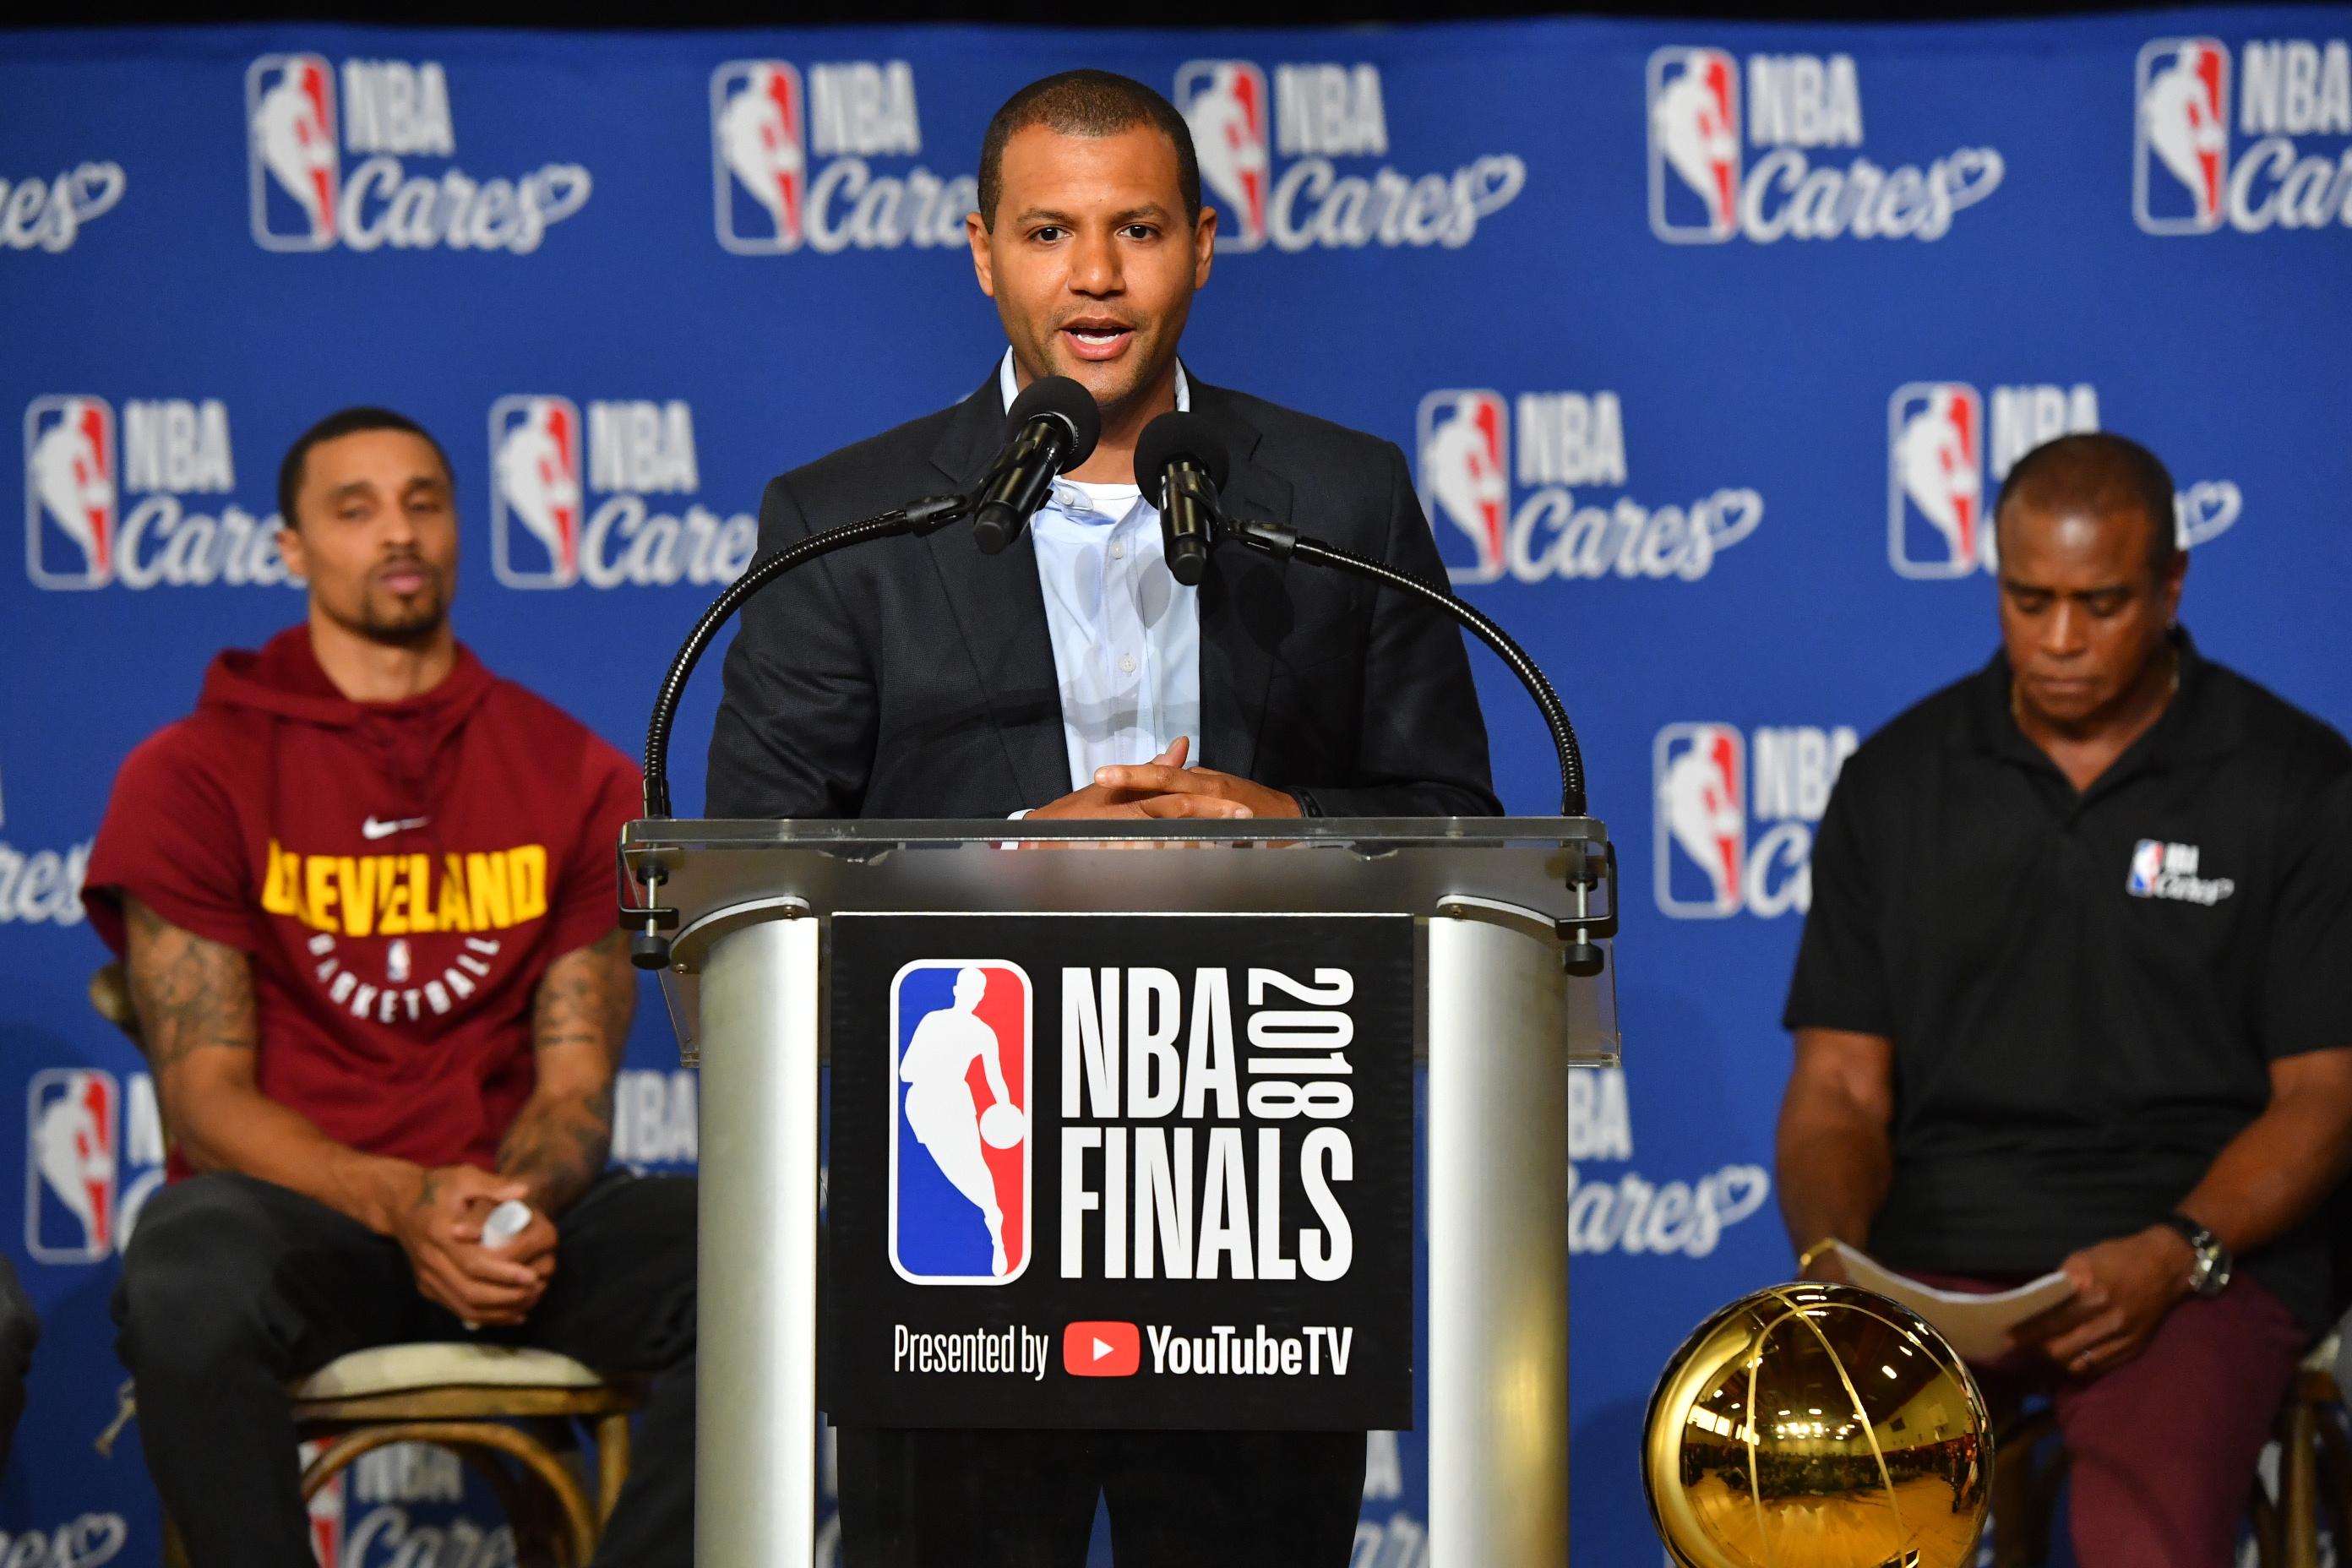 2018 NBA Finals Legacy Project - NBA Cares